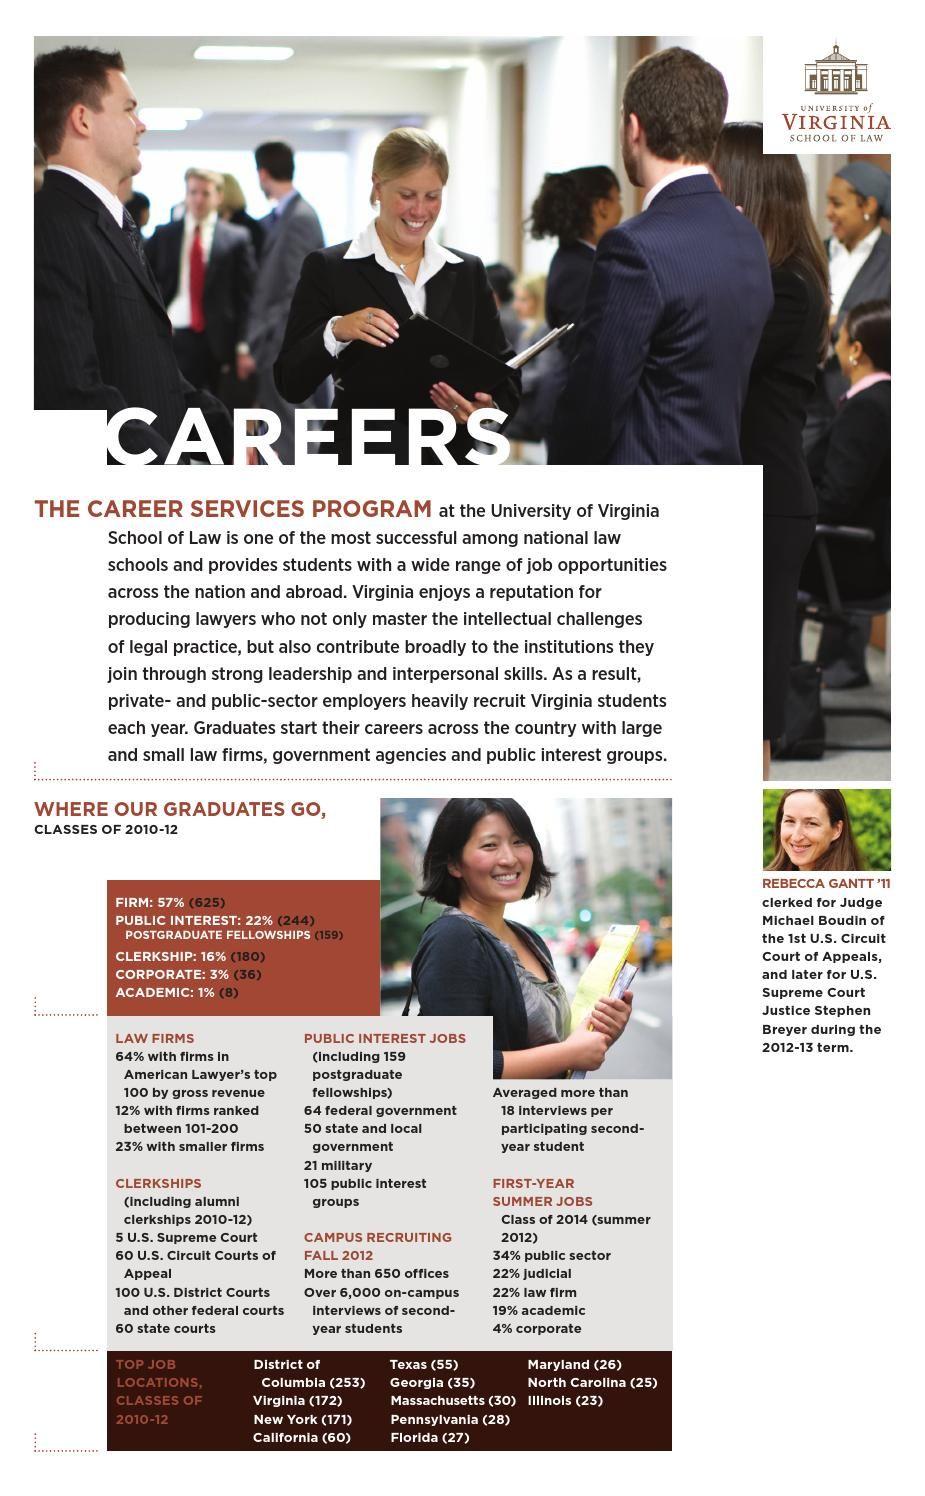 Careers Brochure, 2013 Career, University of virginia